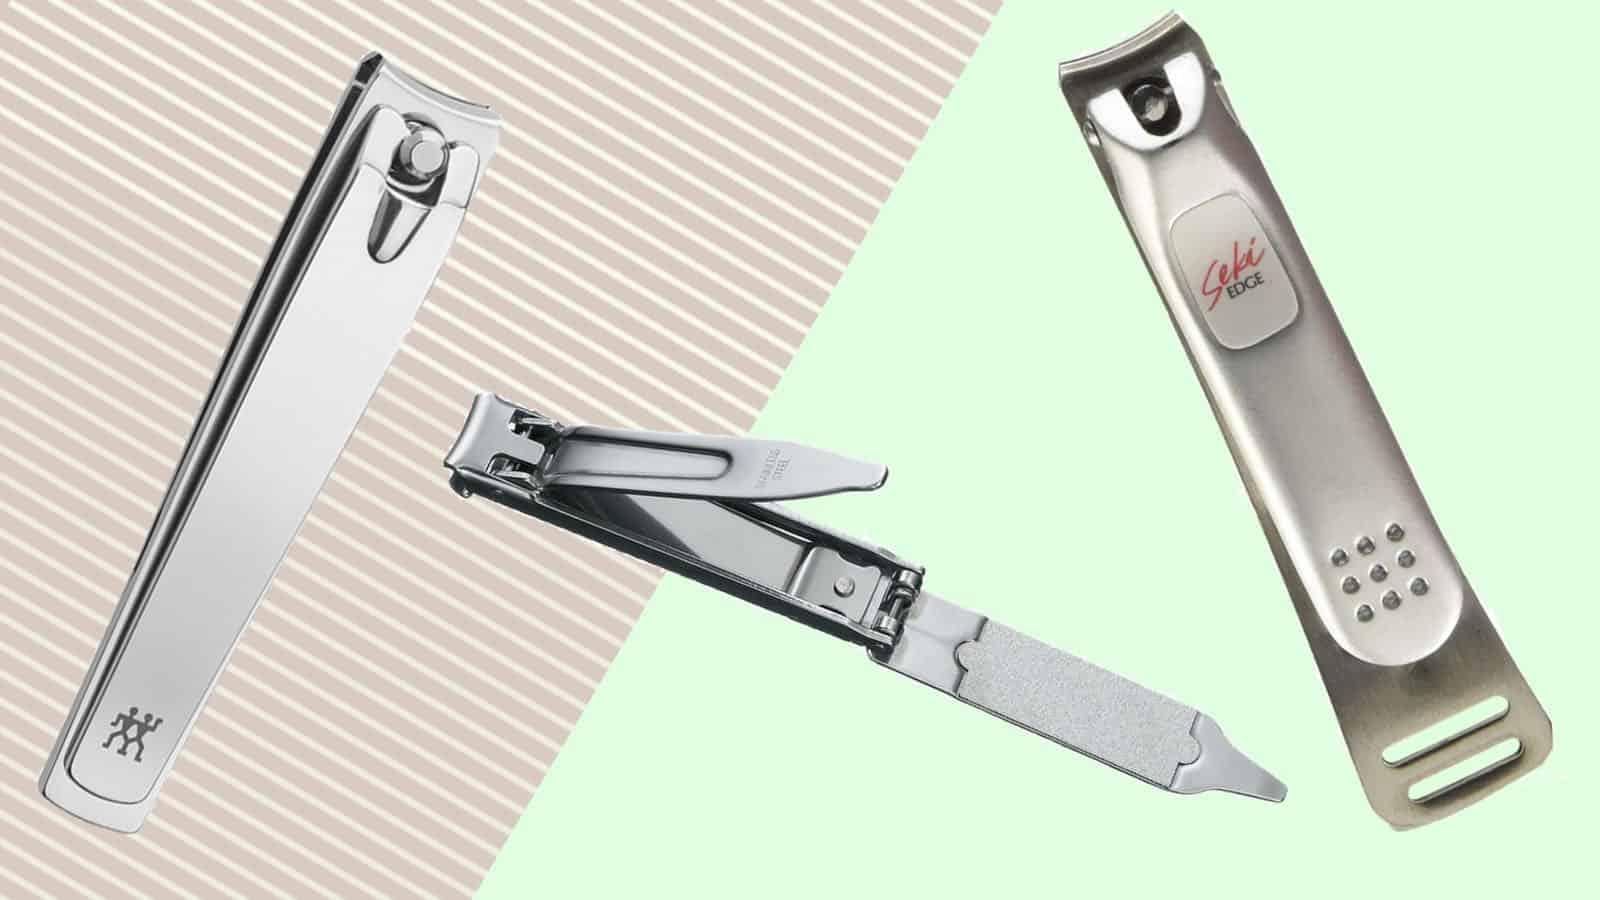 Nagelknipser Vergleich 2019- 6 beste Nagelschneider im Vergleich